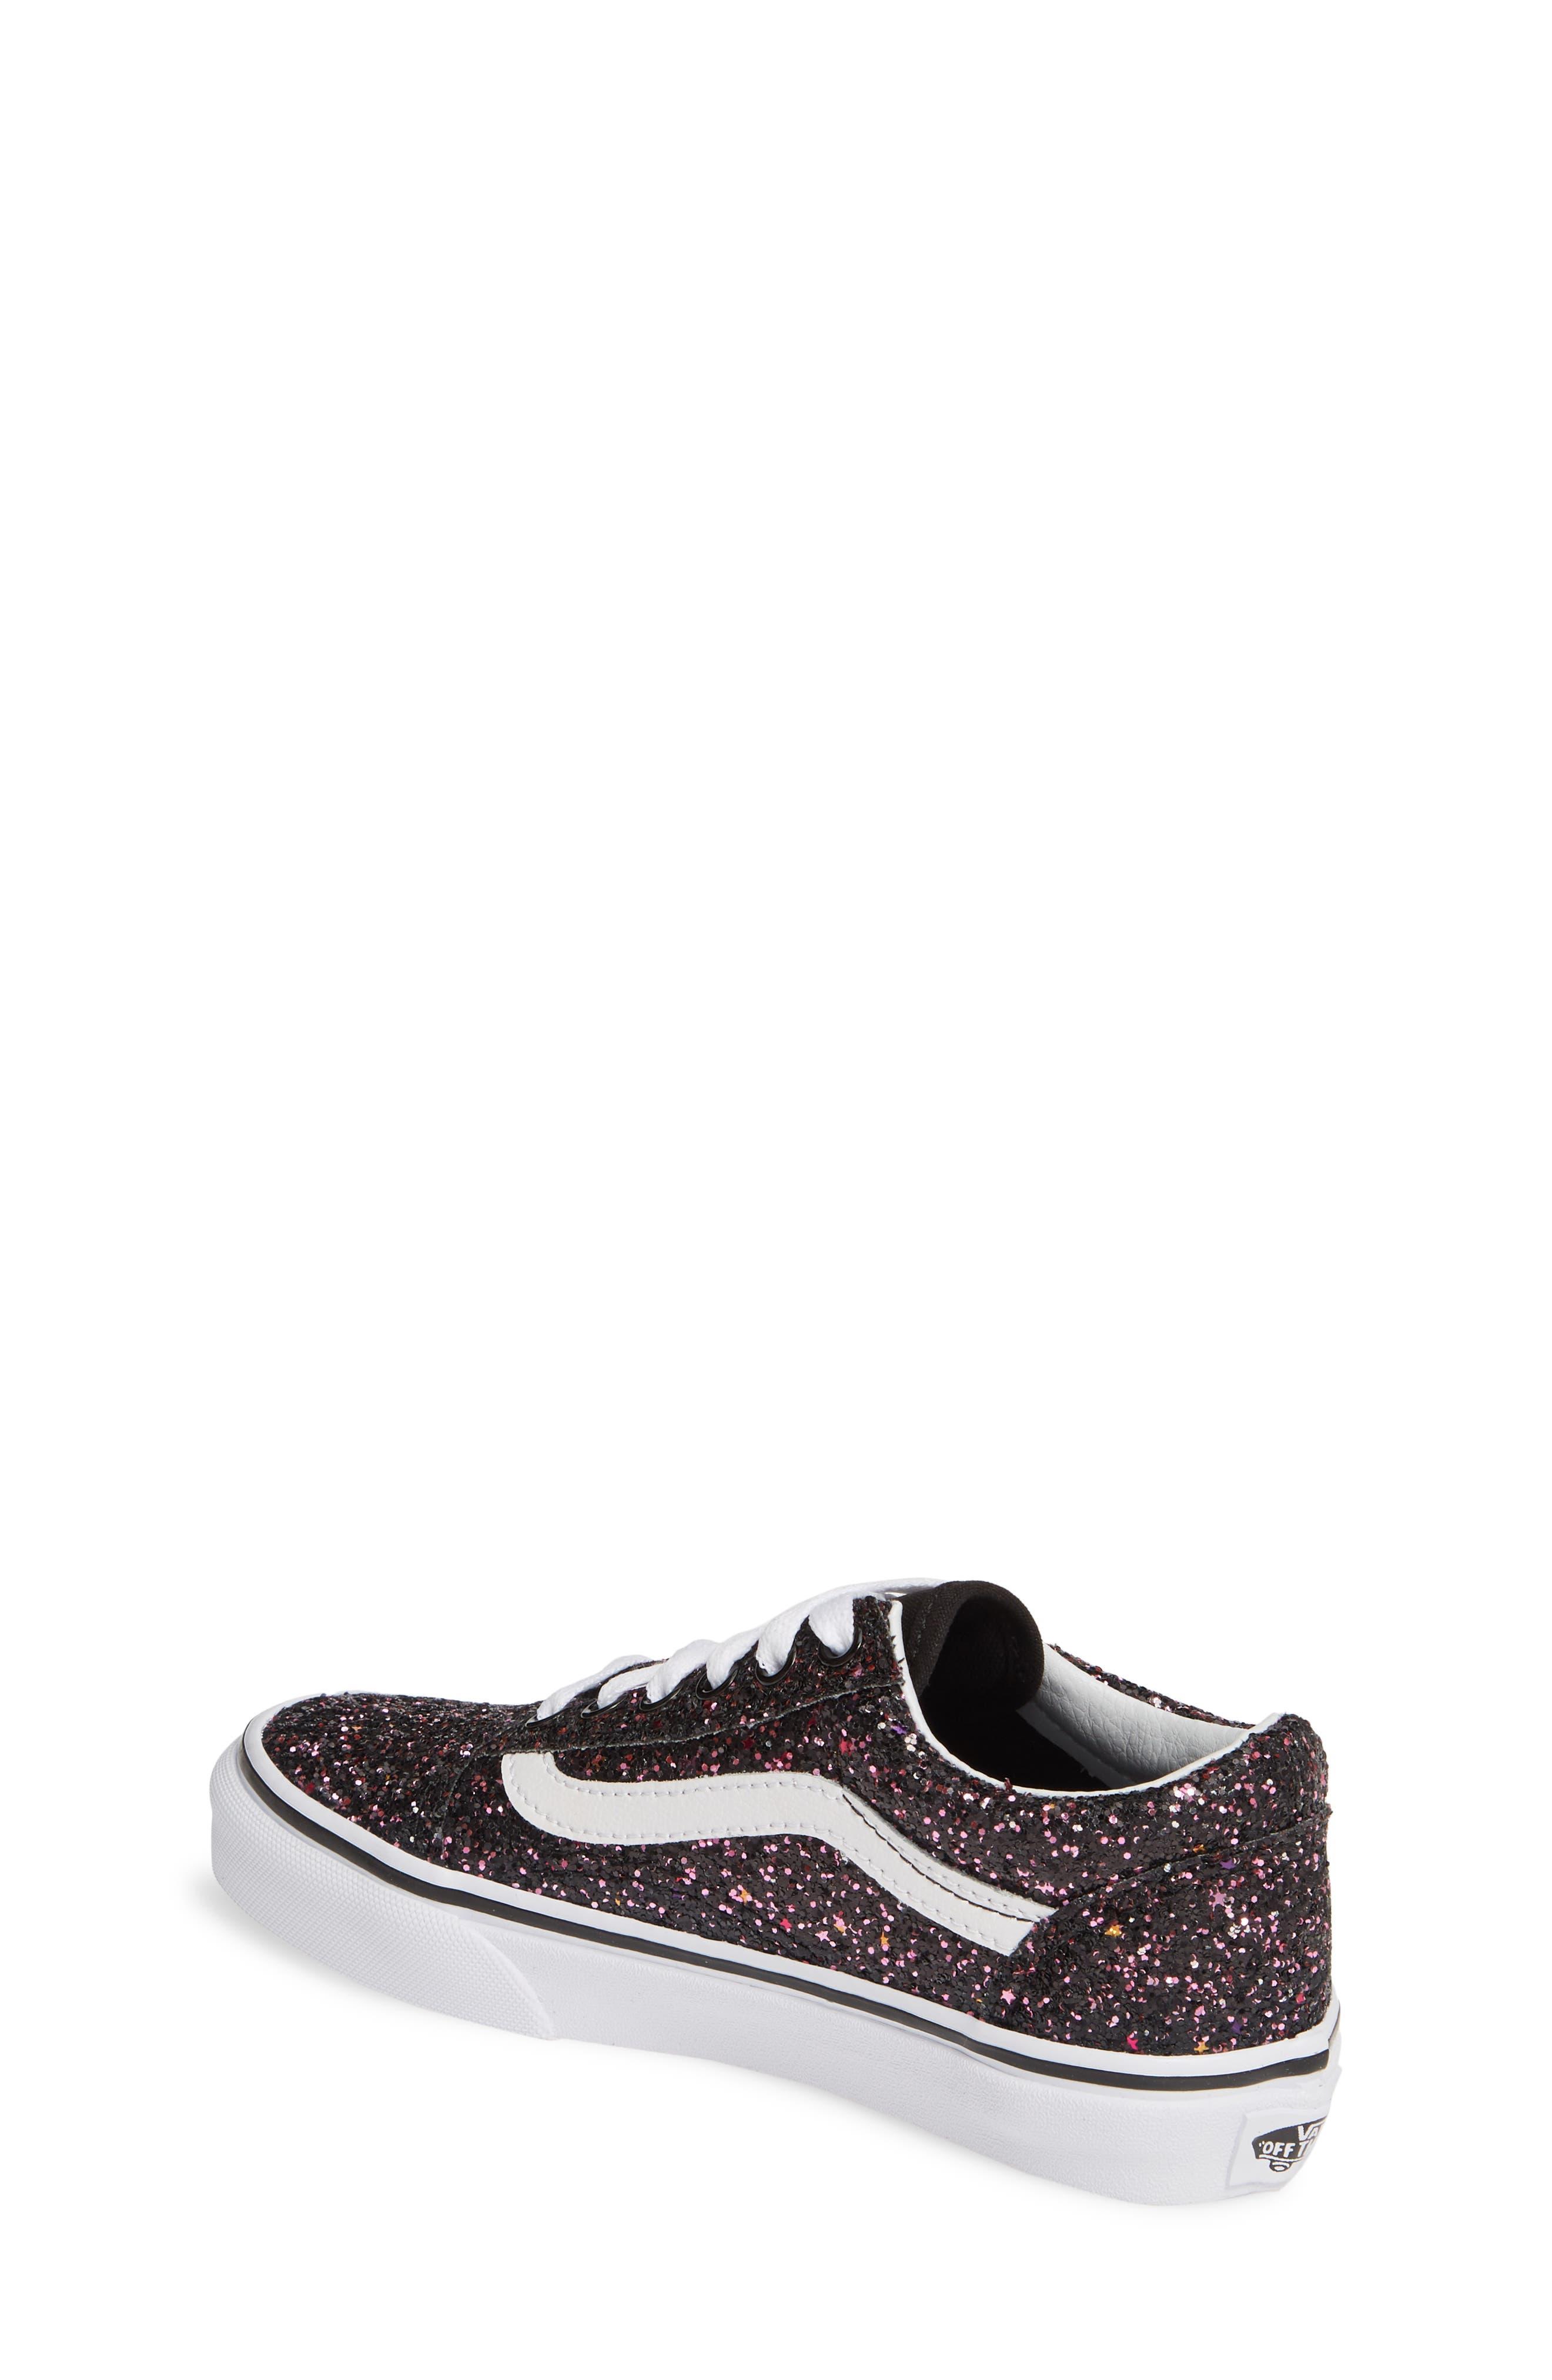 VANS,                             Old Skool Sneaker,                             Alternate thumbnail 2, color,                             GLITTER STARS BLACK/ WHITE